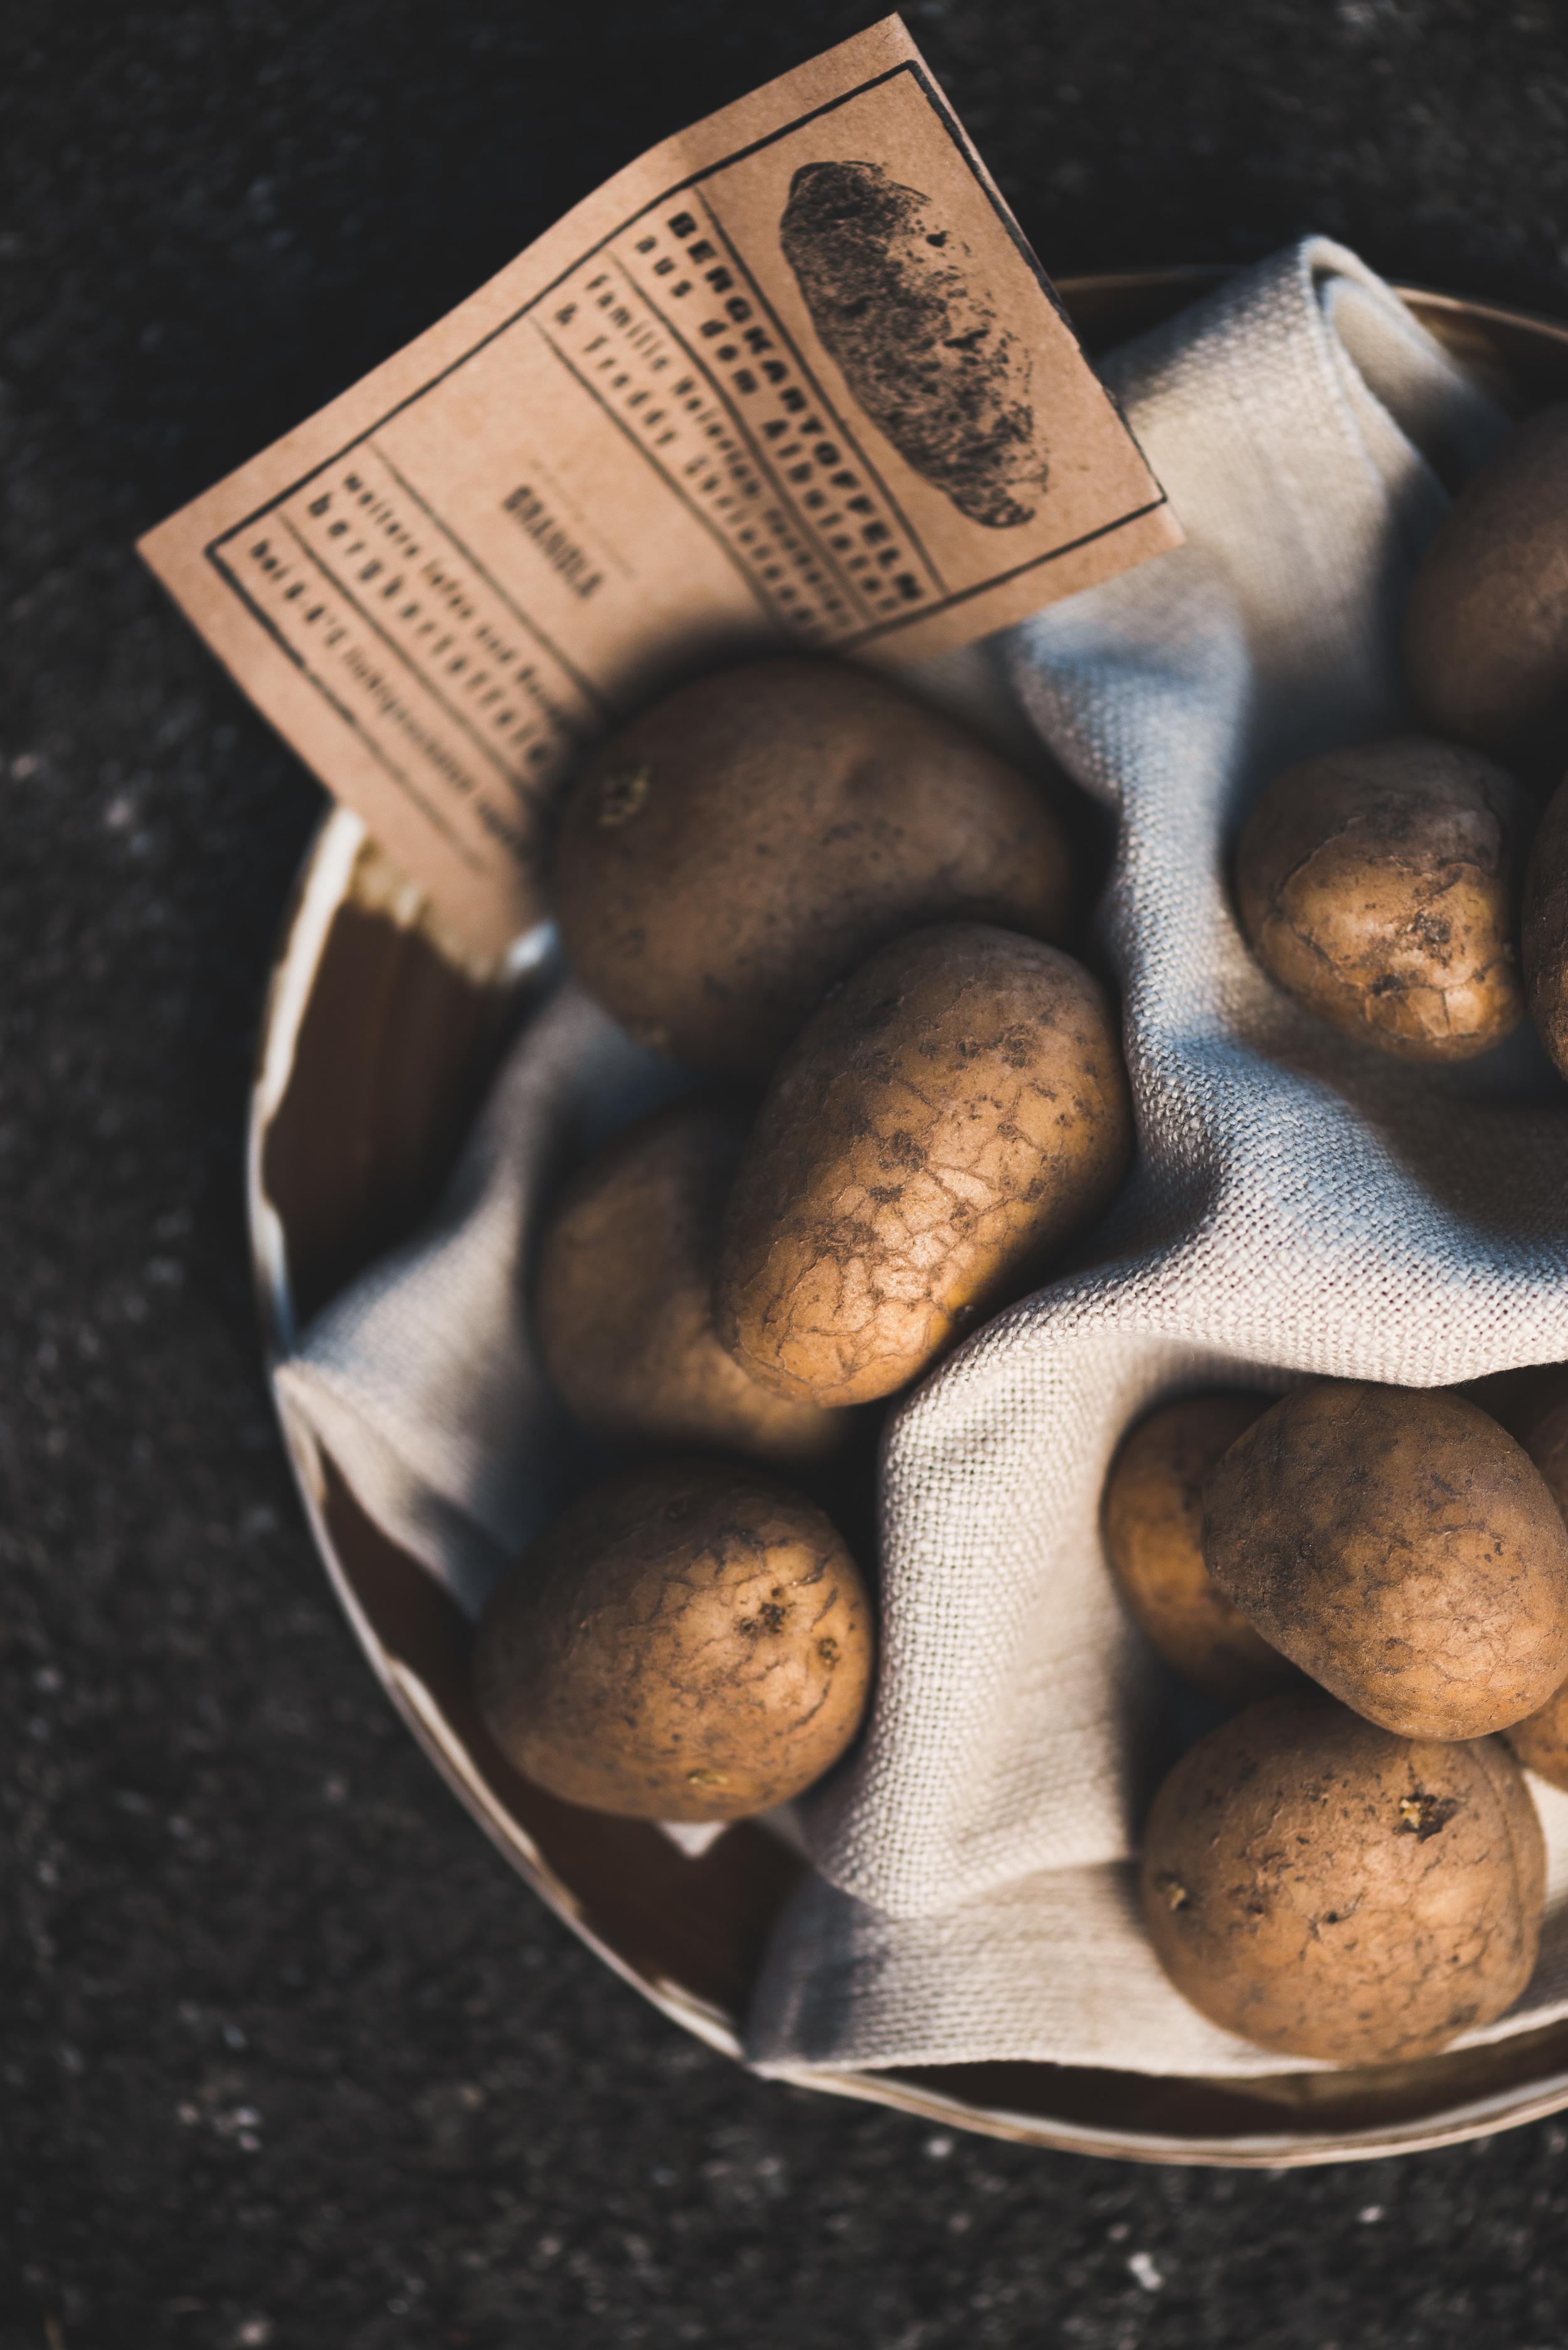 Kartoffeln die es nicht immer leicht hatten ...